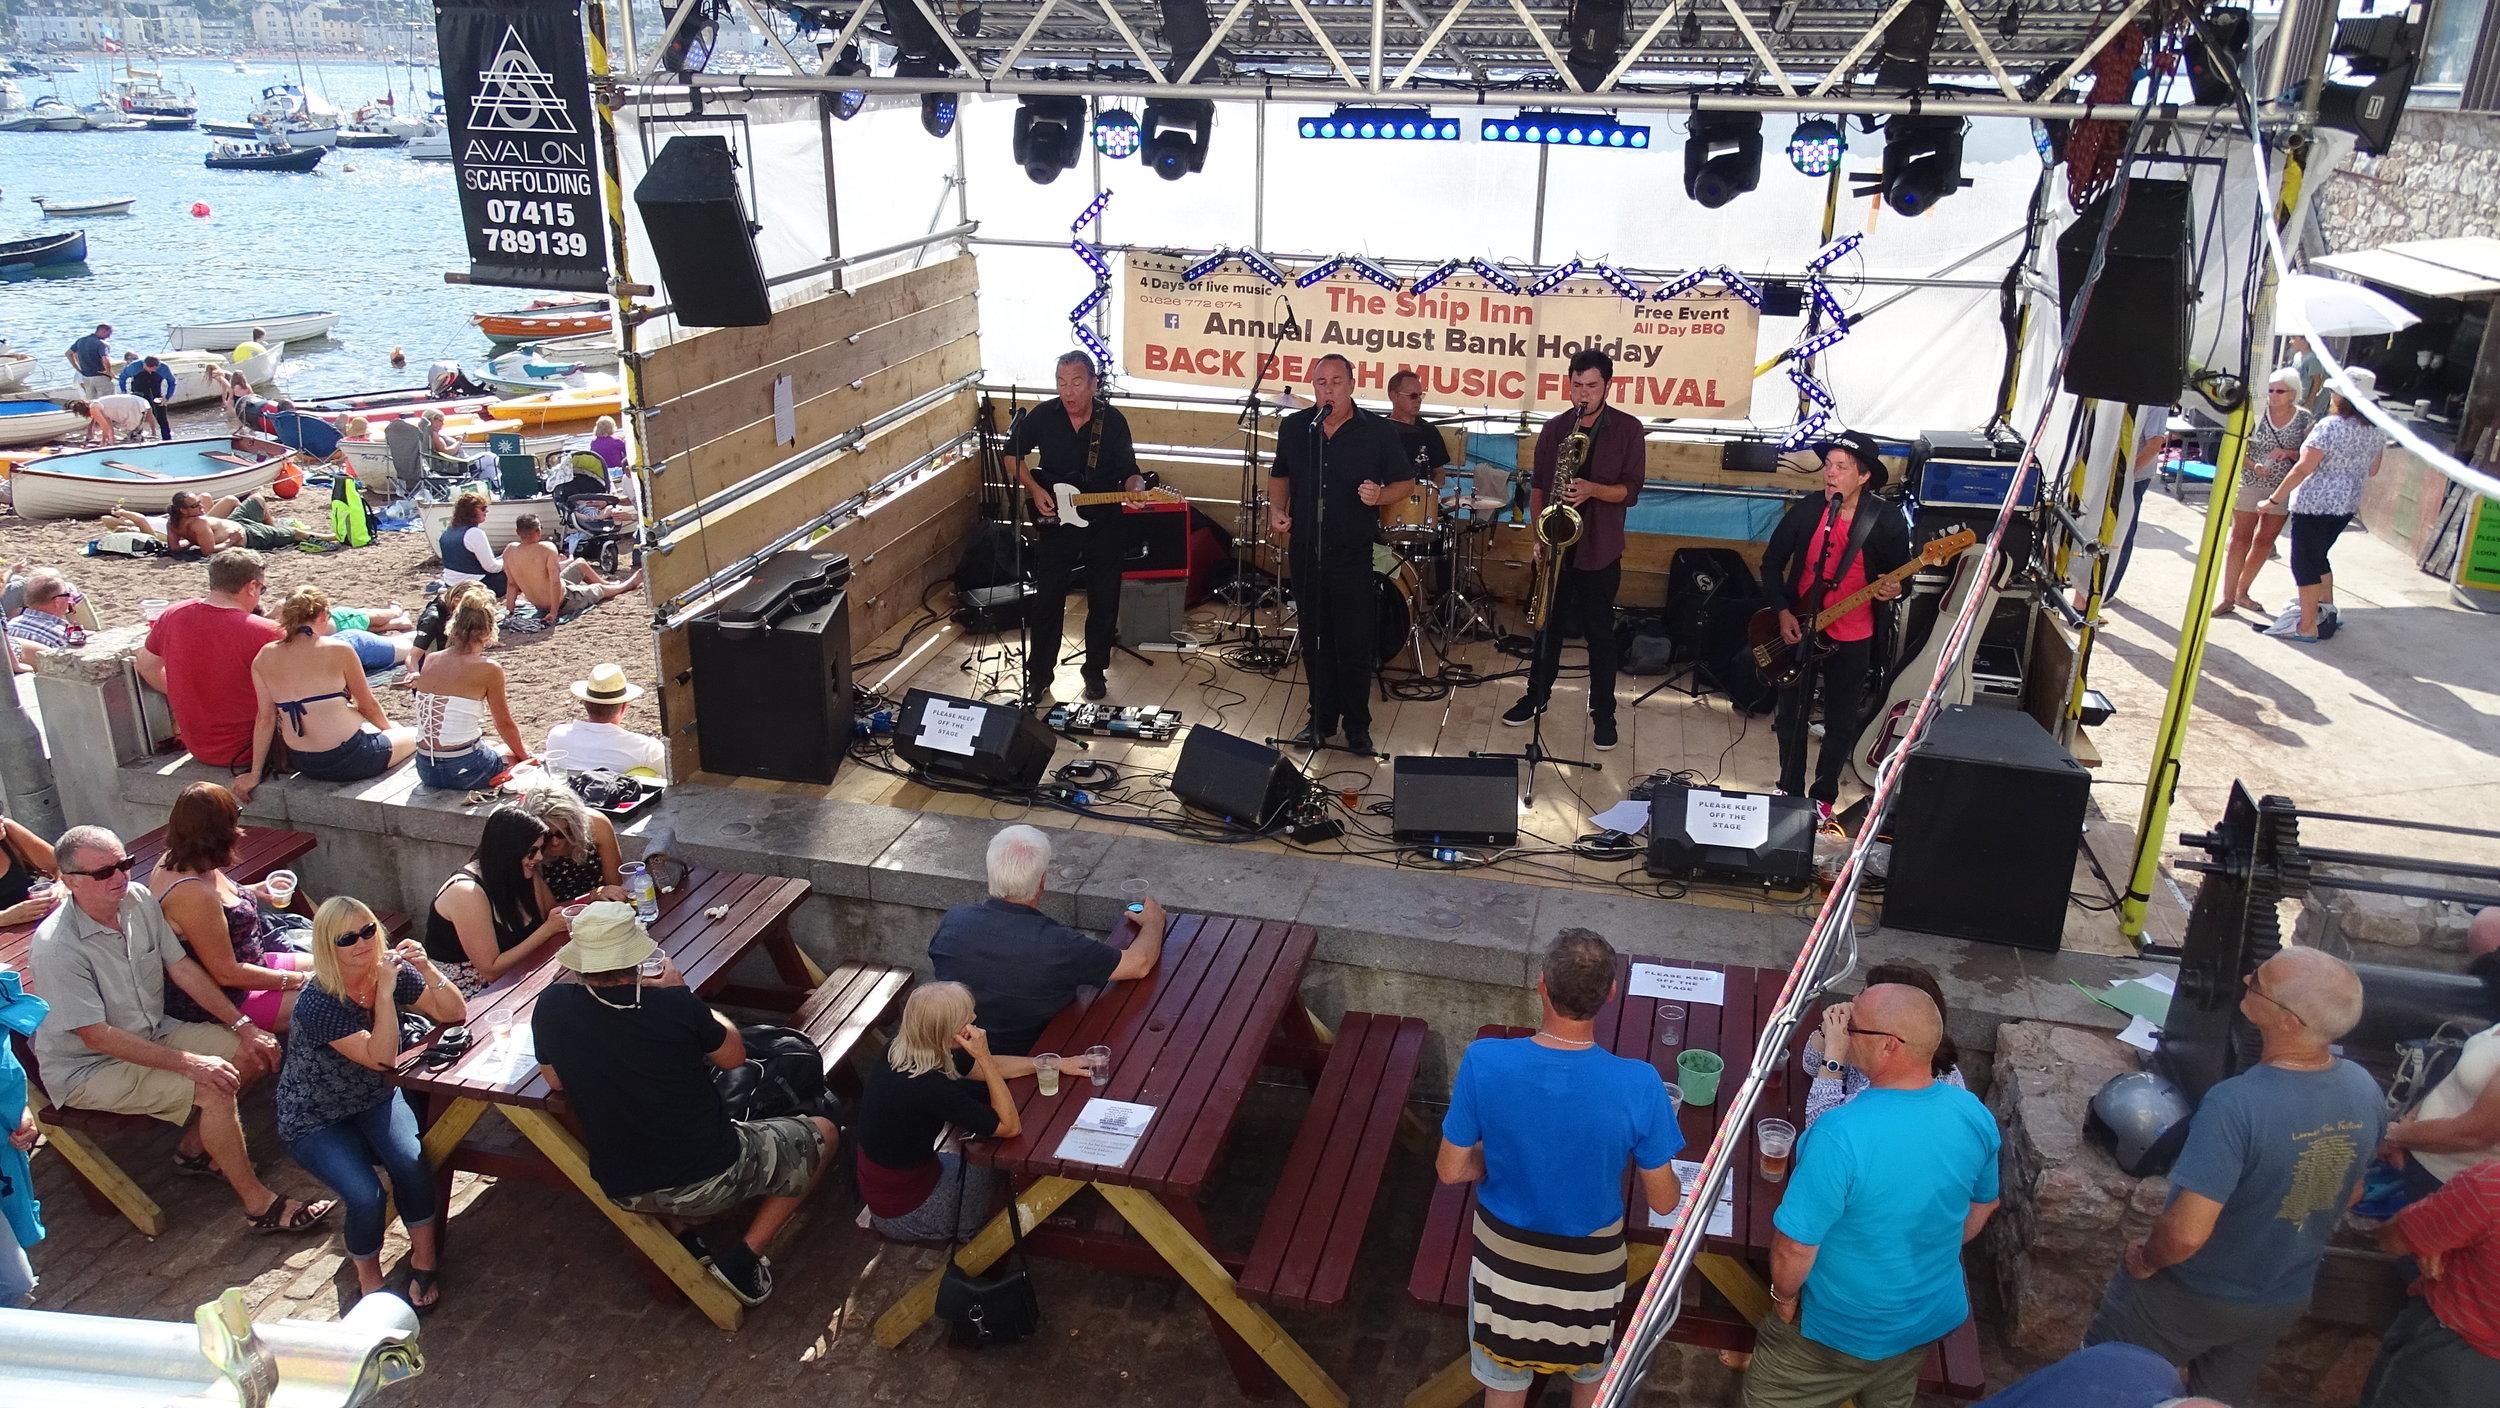 The ship inn music festival p2 178.JPG